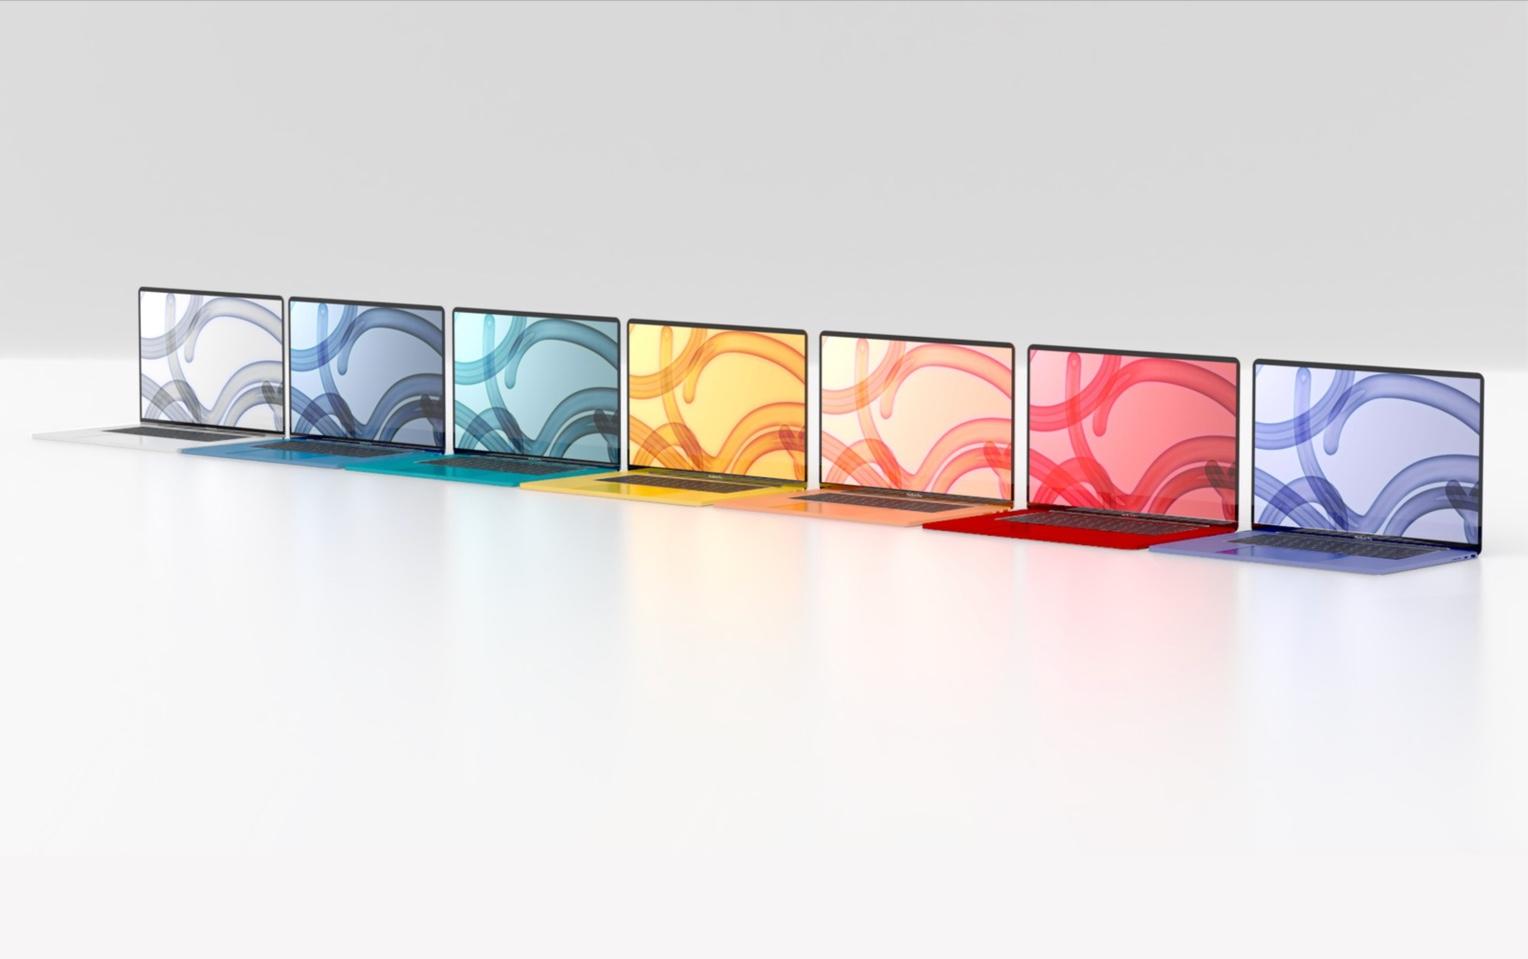 次のMacBook Airは24インチiMacの様に多色展開の可能性も